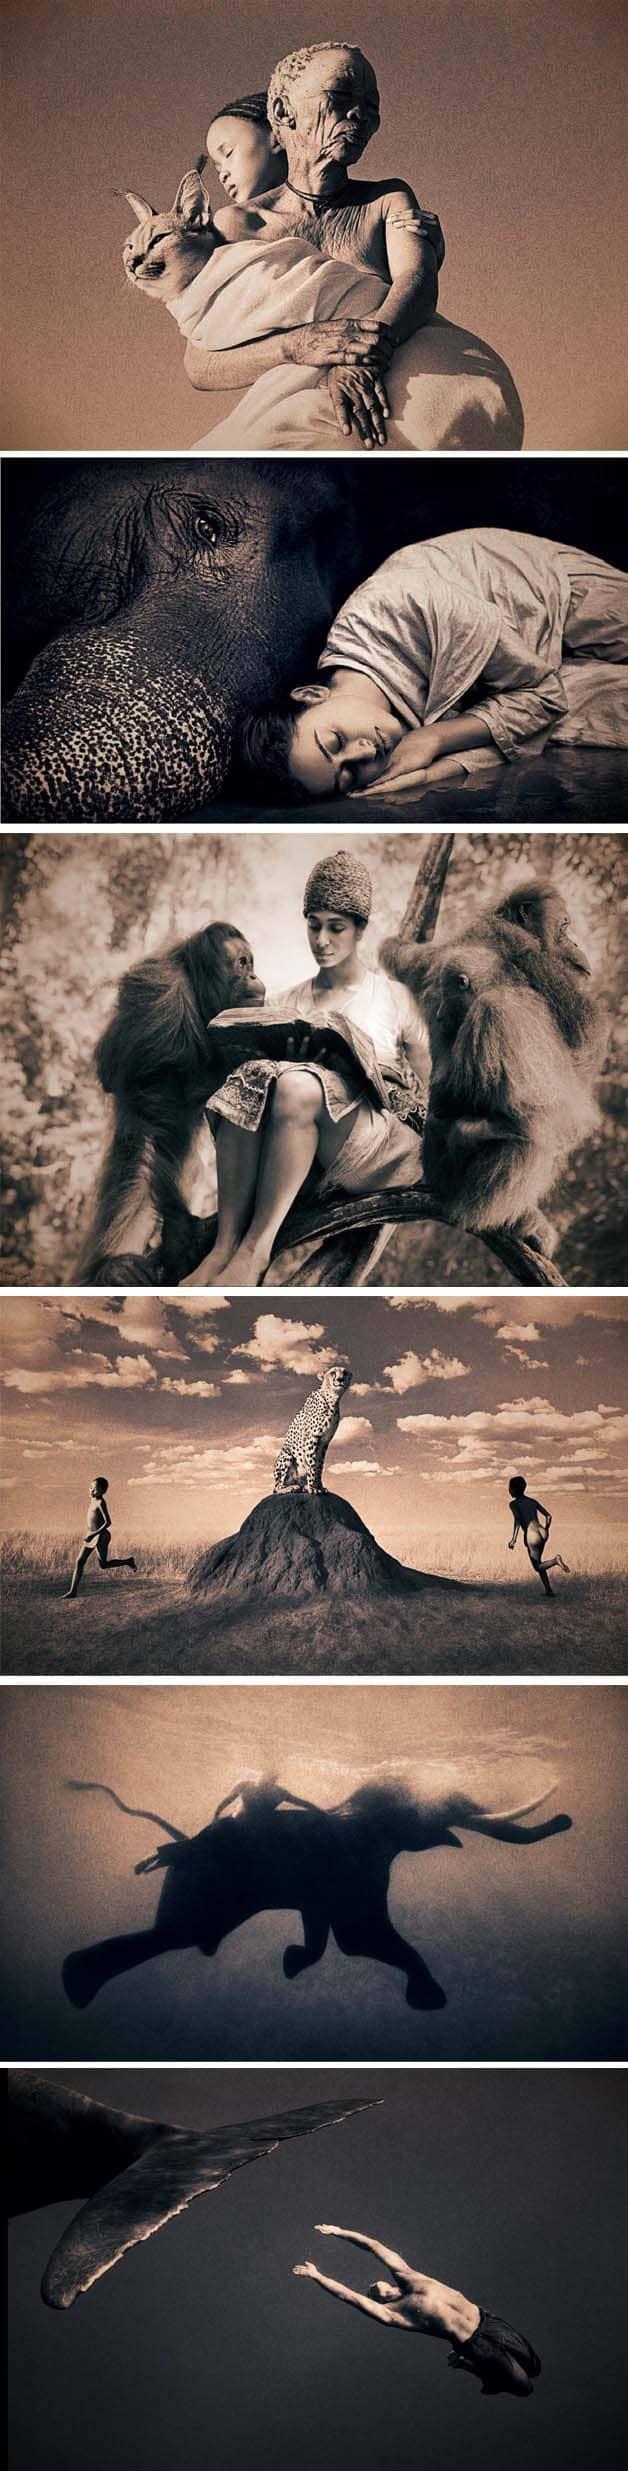 Fotógrafo registra momentos de harmonia entre homem e natureza 5